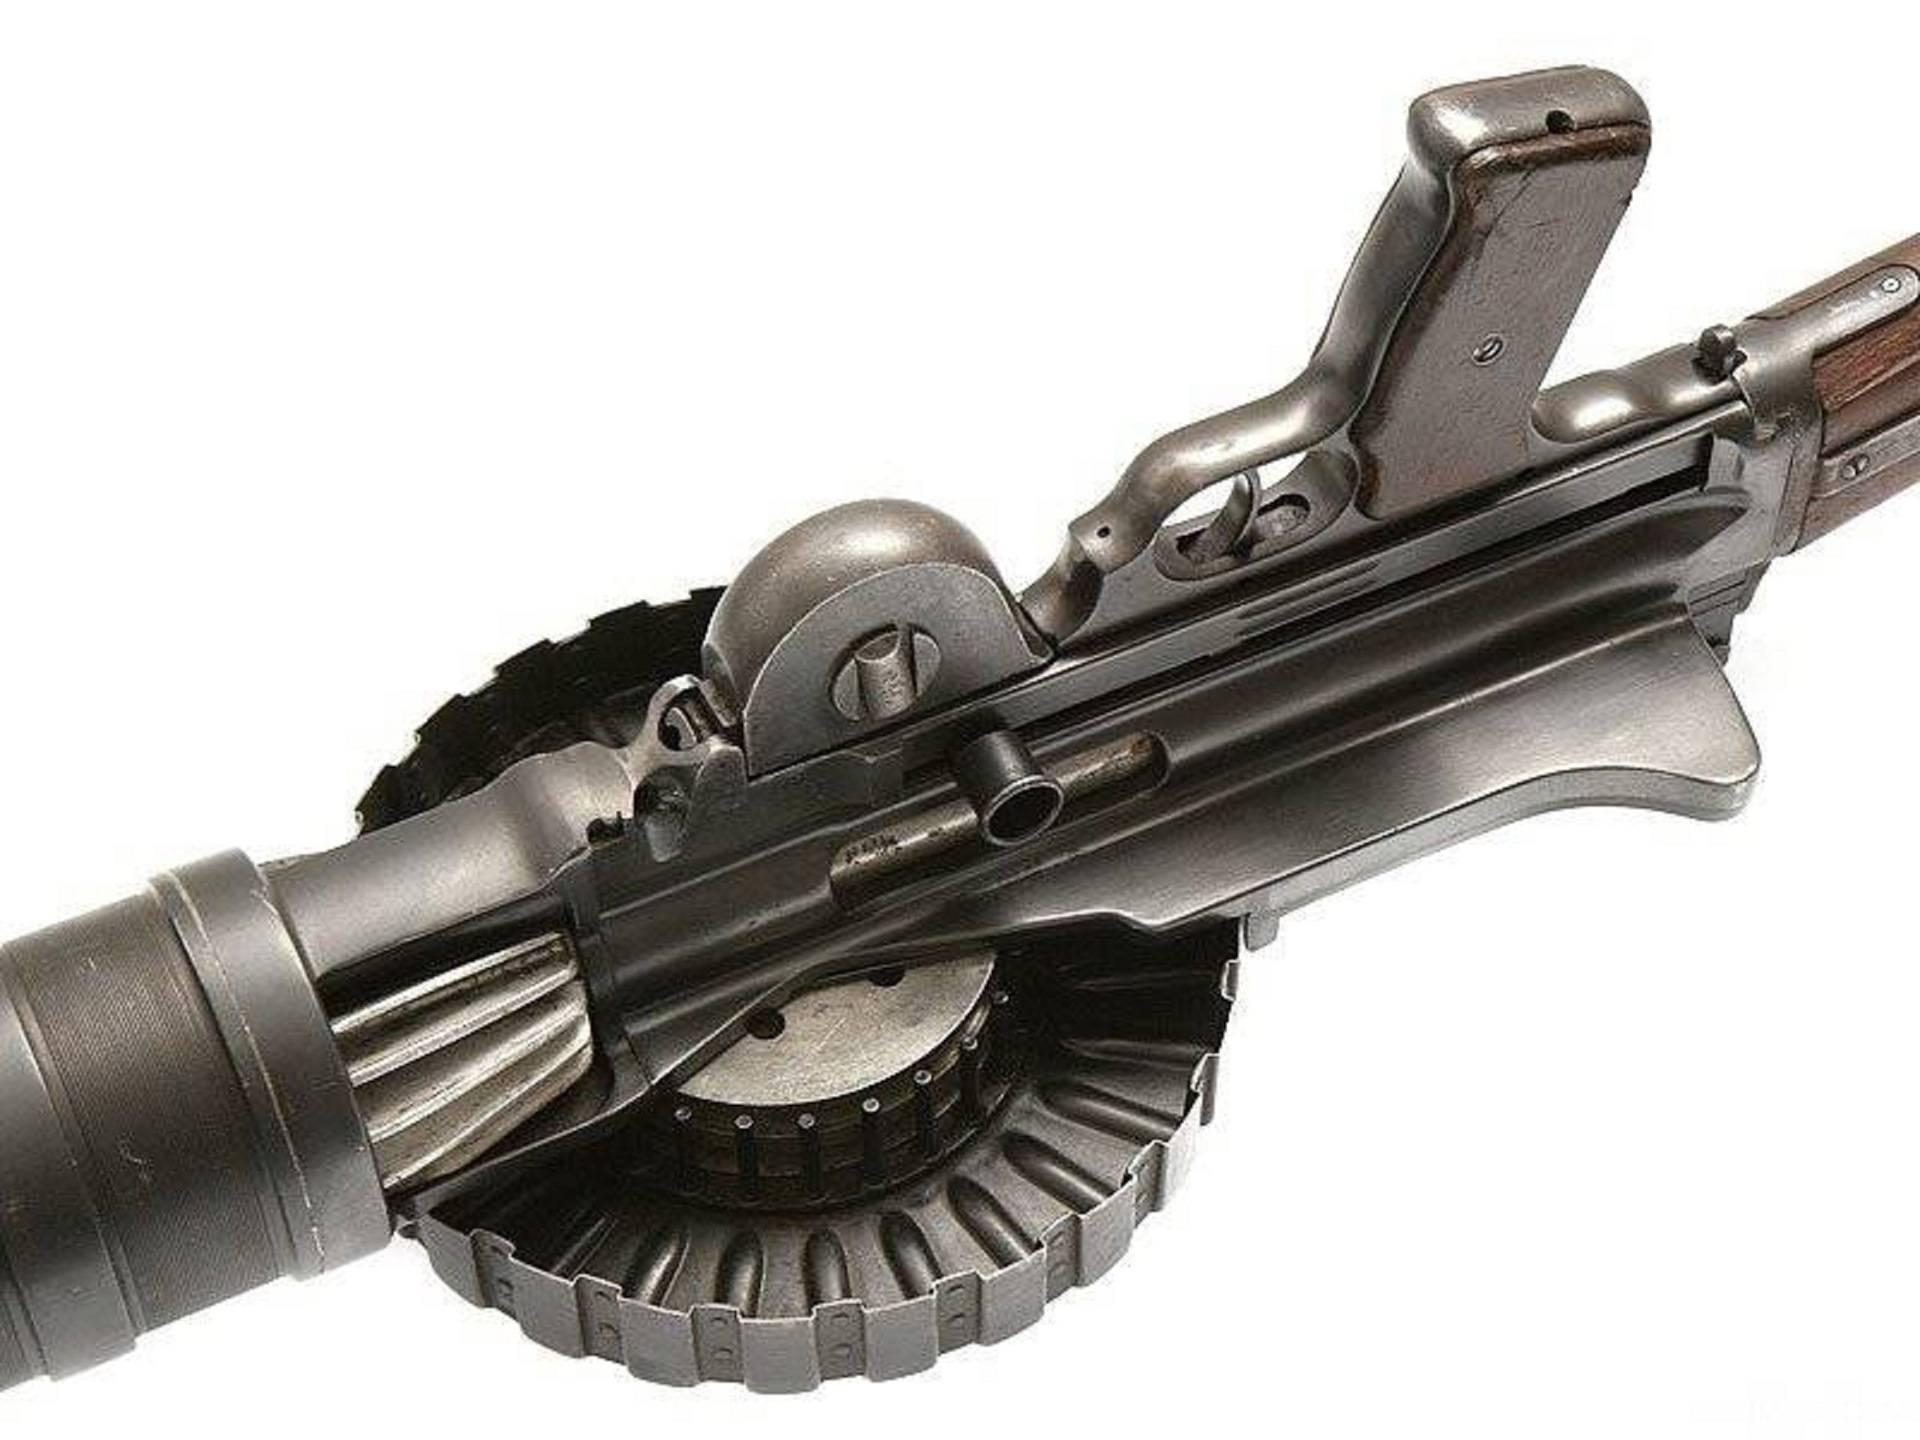 Ручной пулемет льюиса (lewis): история создания и характеристики. ручной пулемет lewis (сша - великобритания) в компьютерных играх